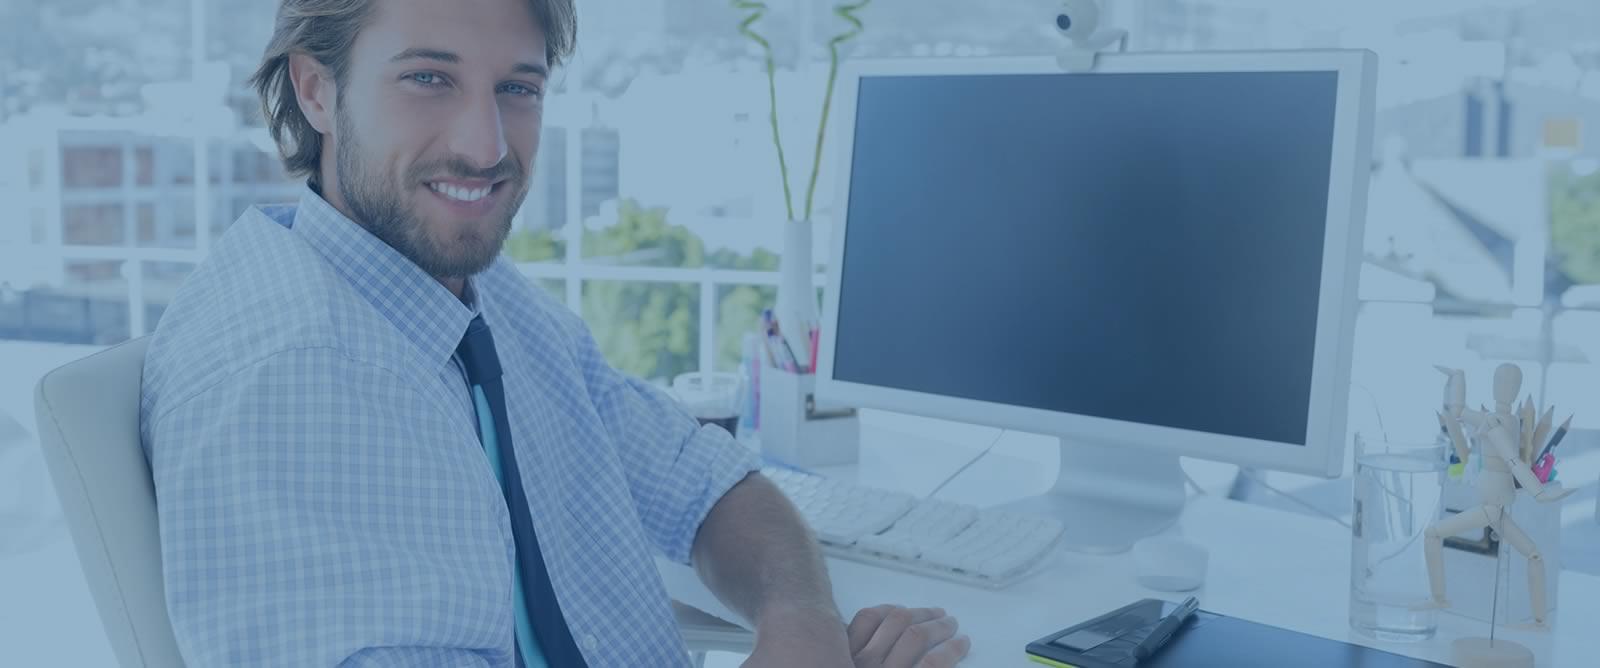 websites-and-digital-marketing-blue